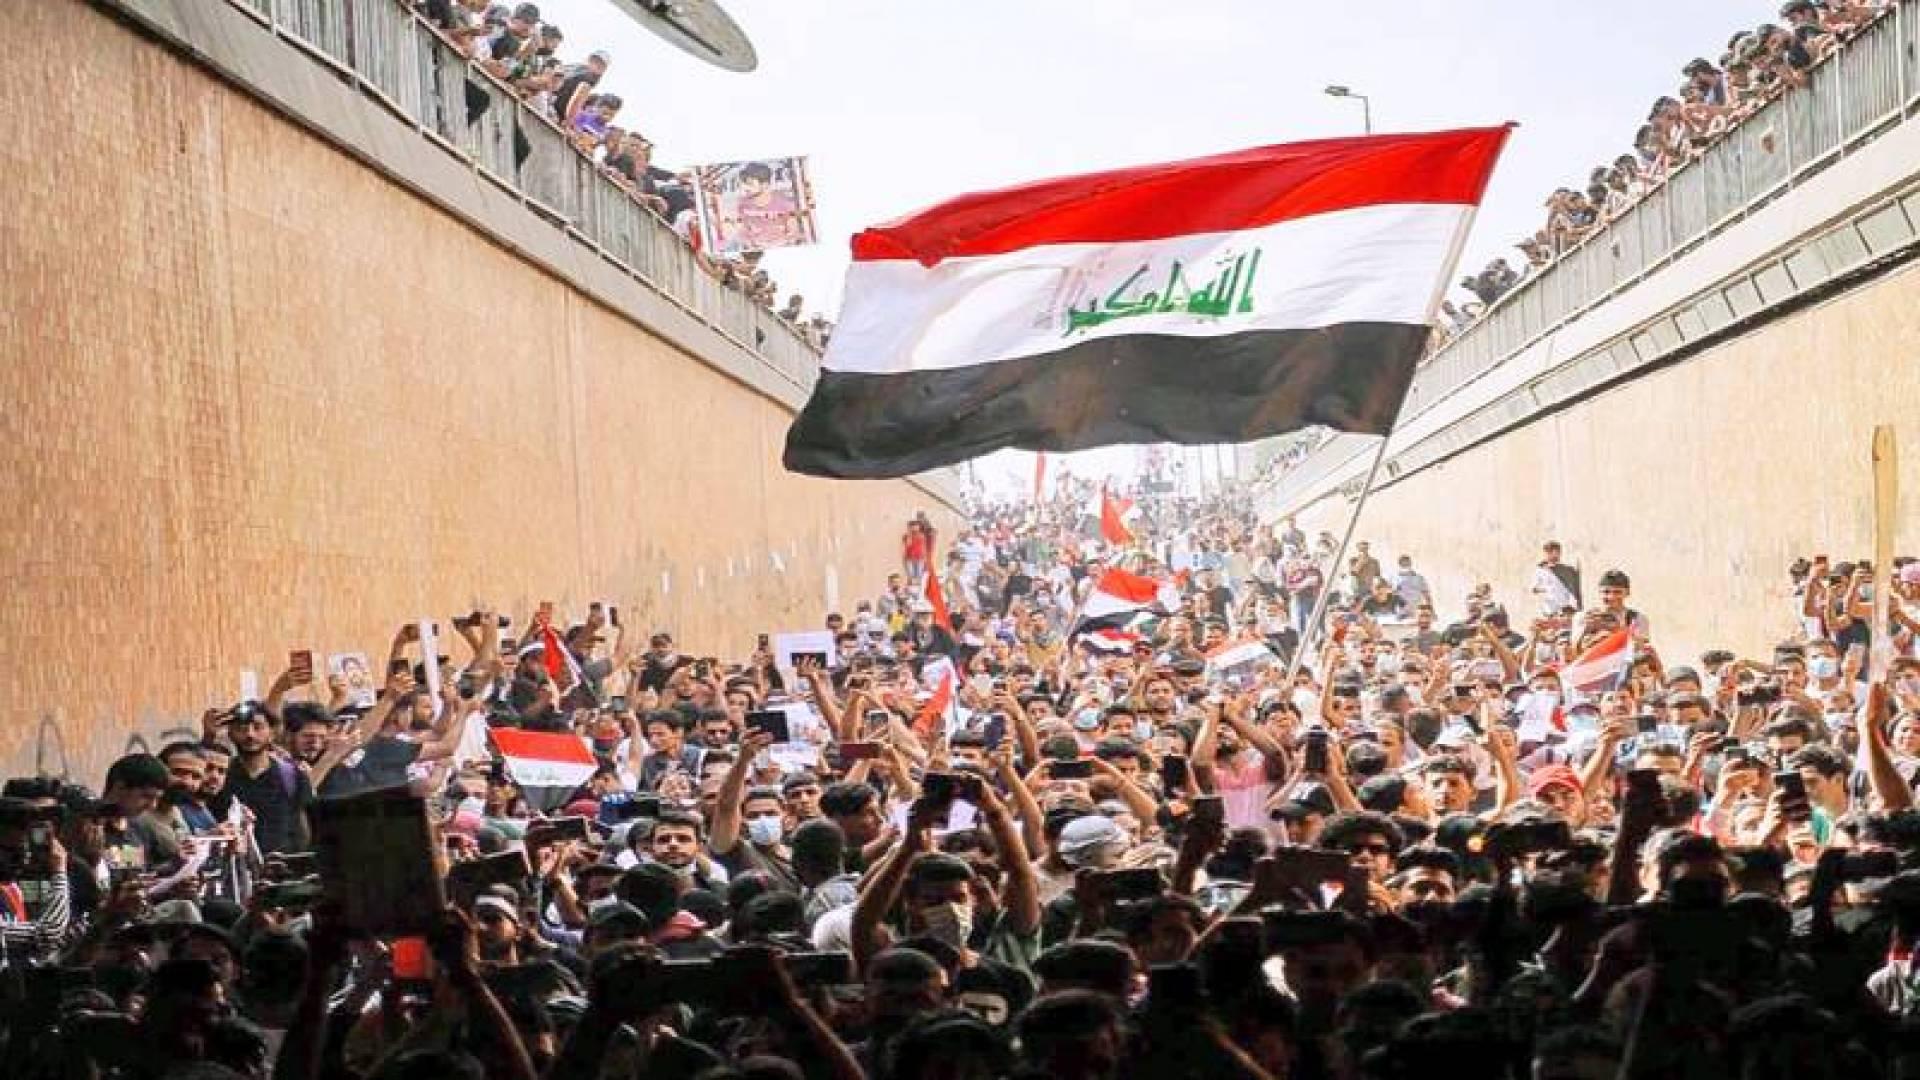 المتظاهرون رافعين الأعلام العراقية خلال تجمع في بغداد أمس